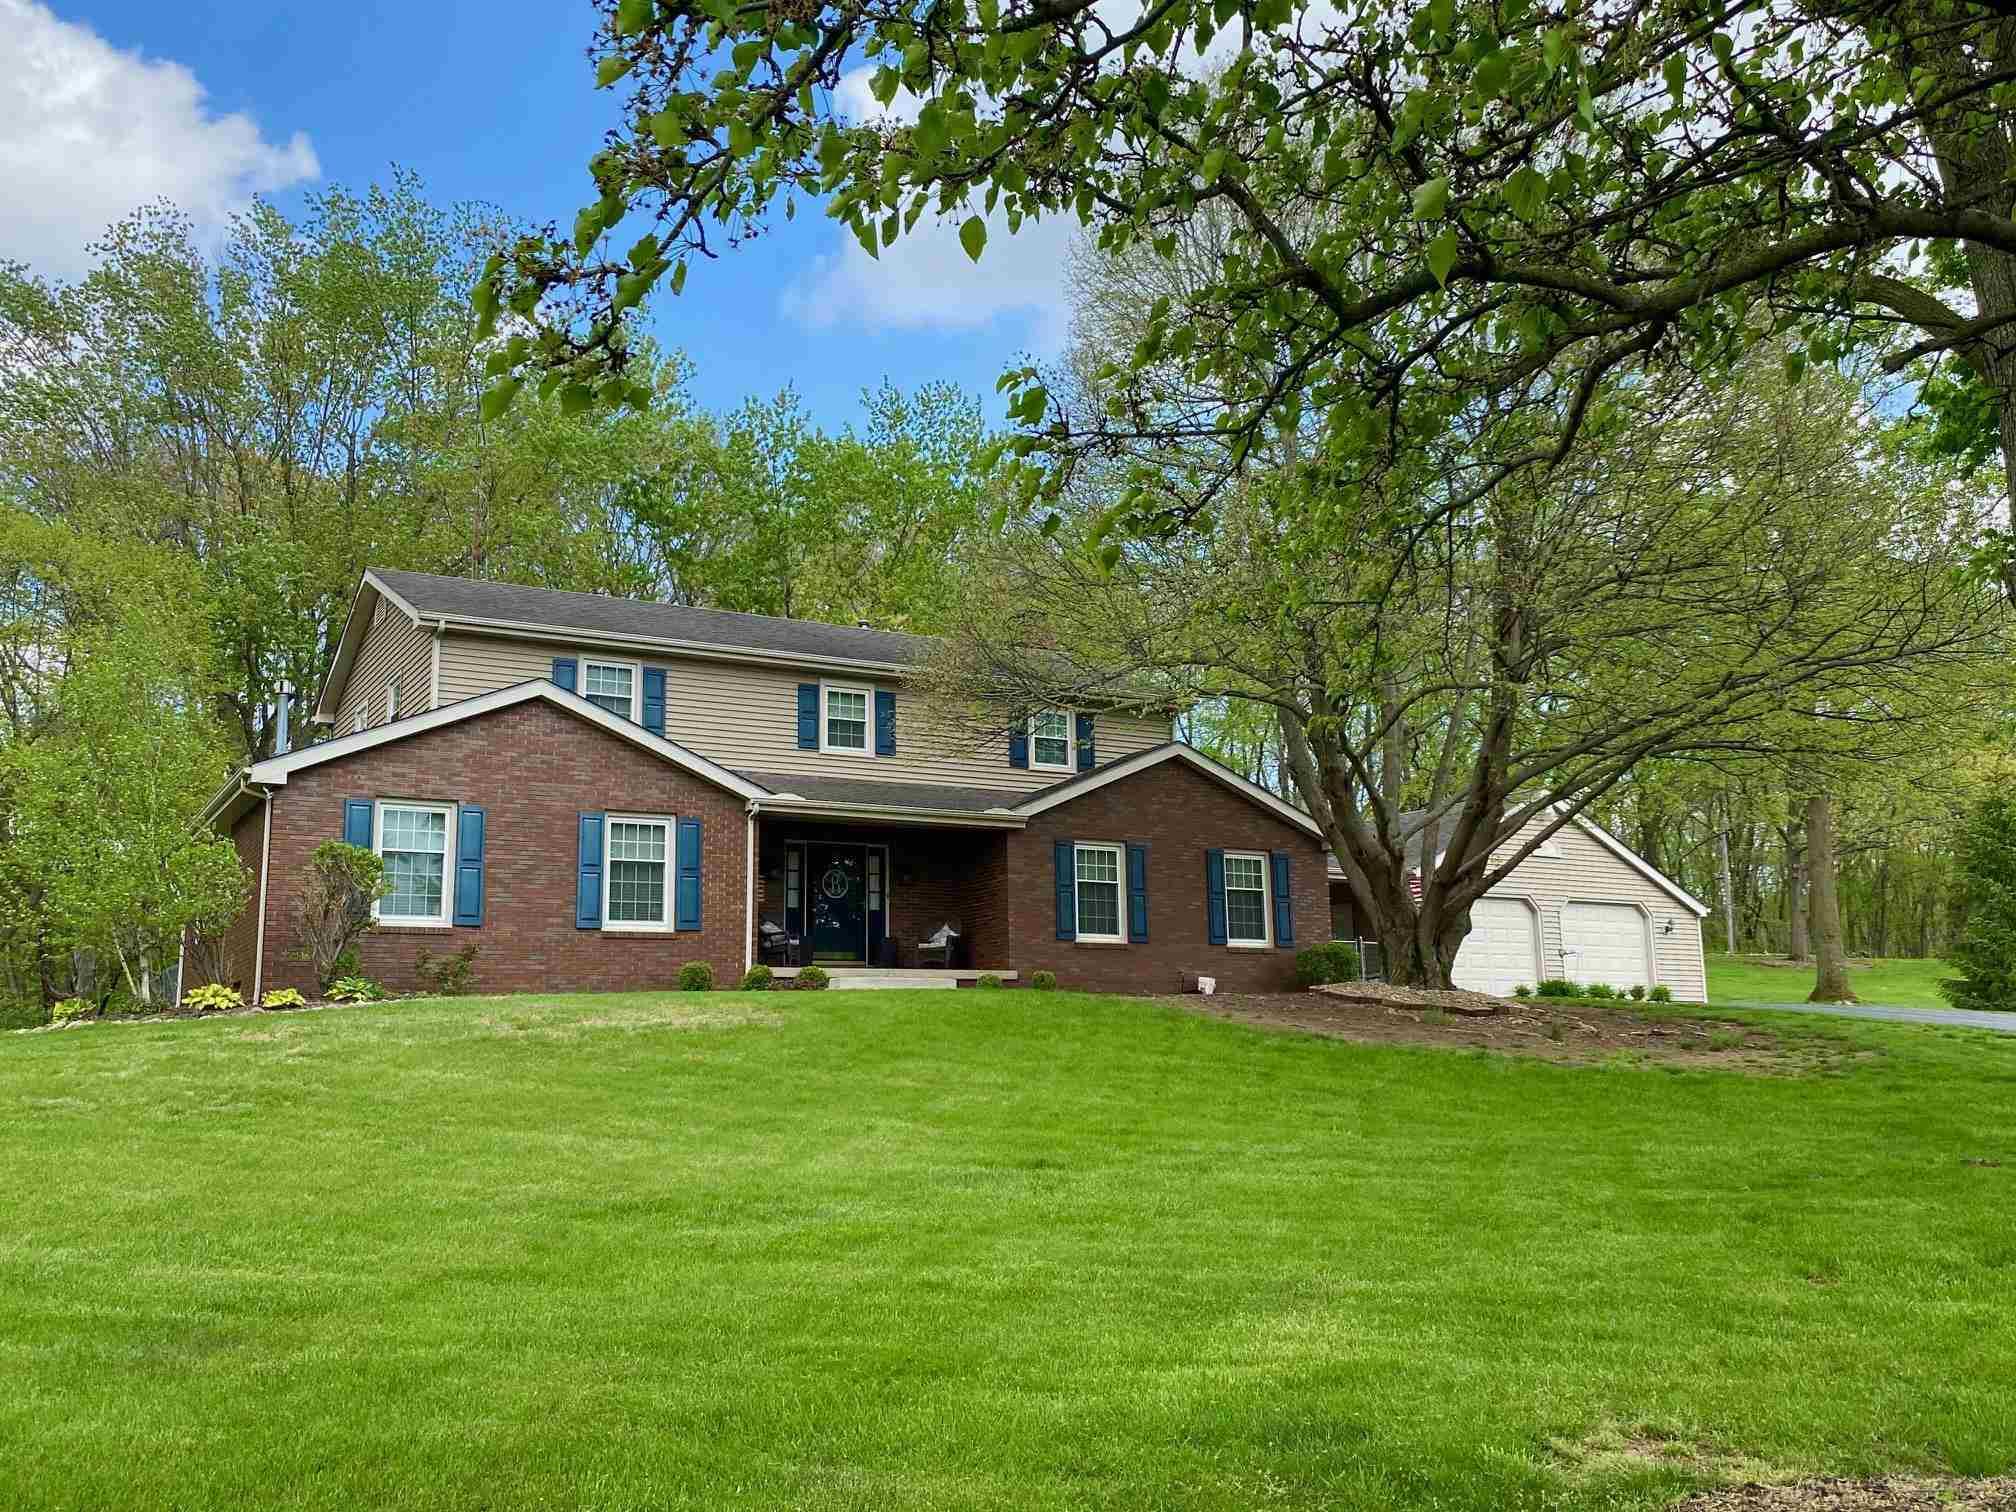 220 BRIAN Property Photo - Dawson, IL real estate listing